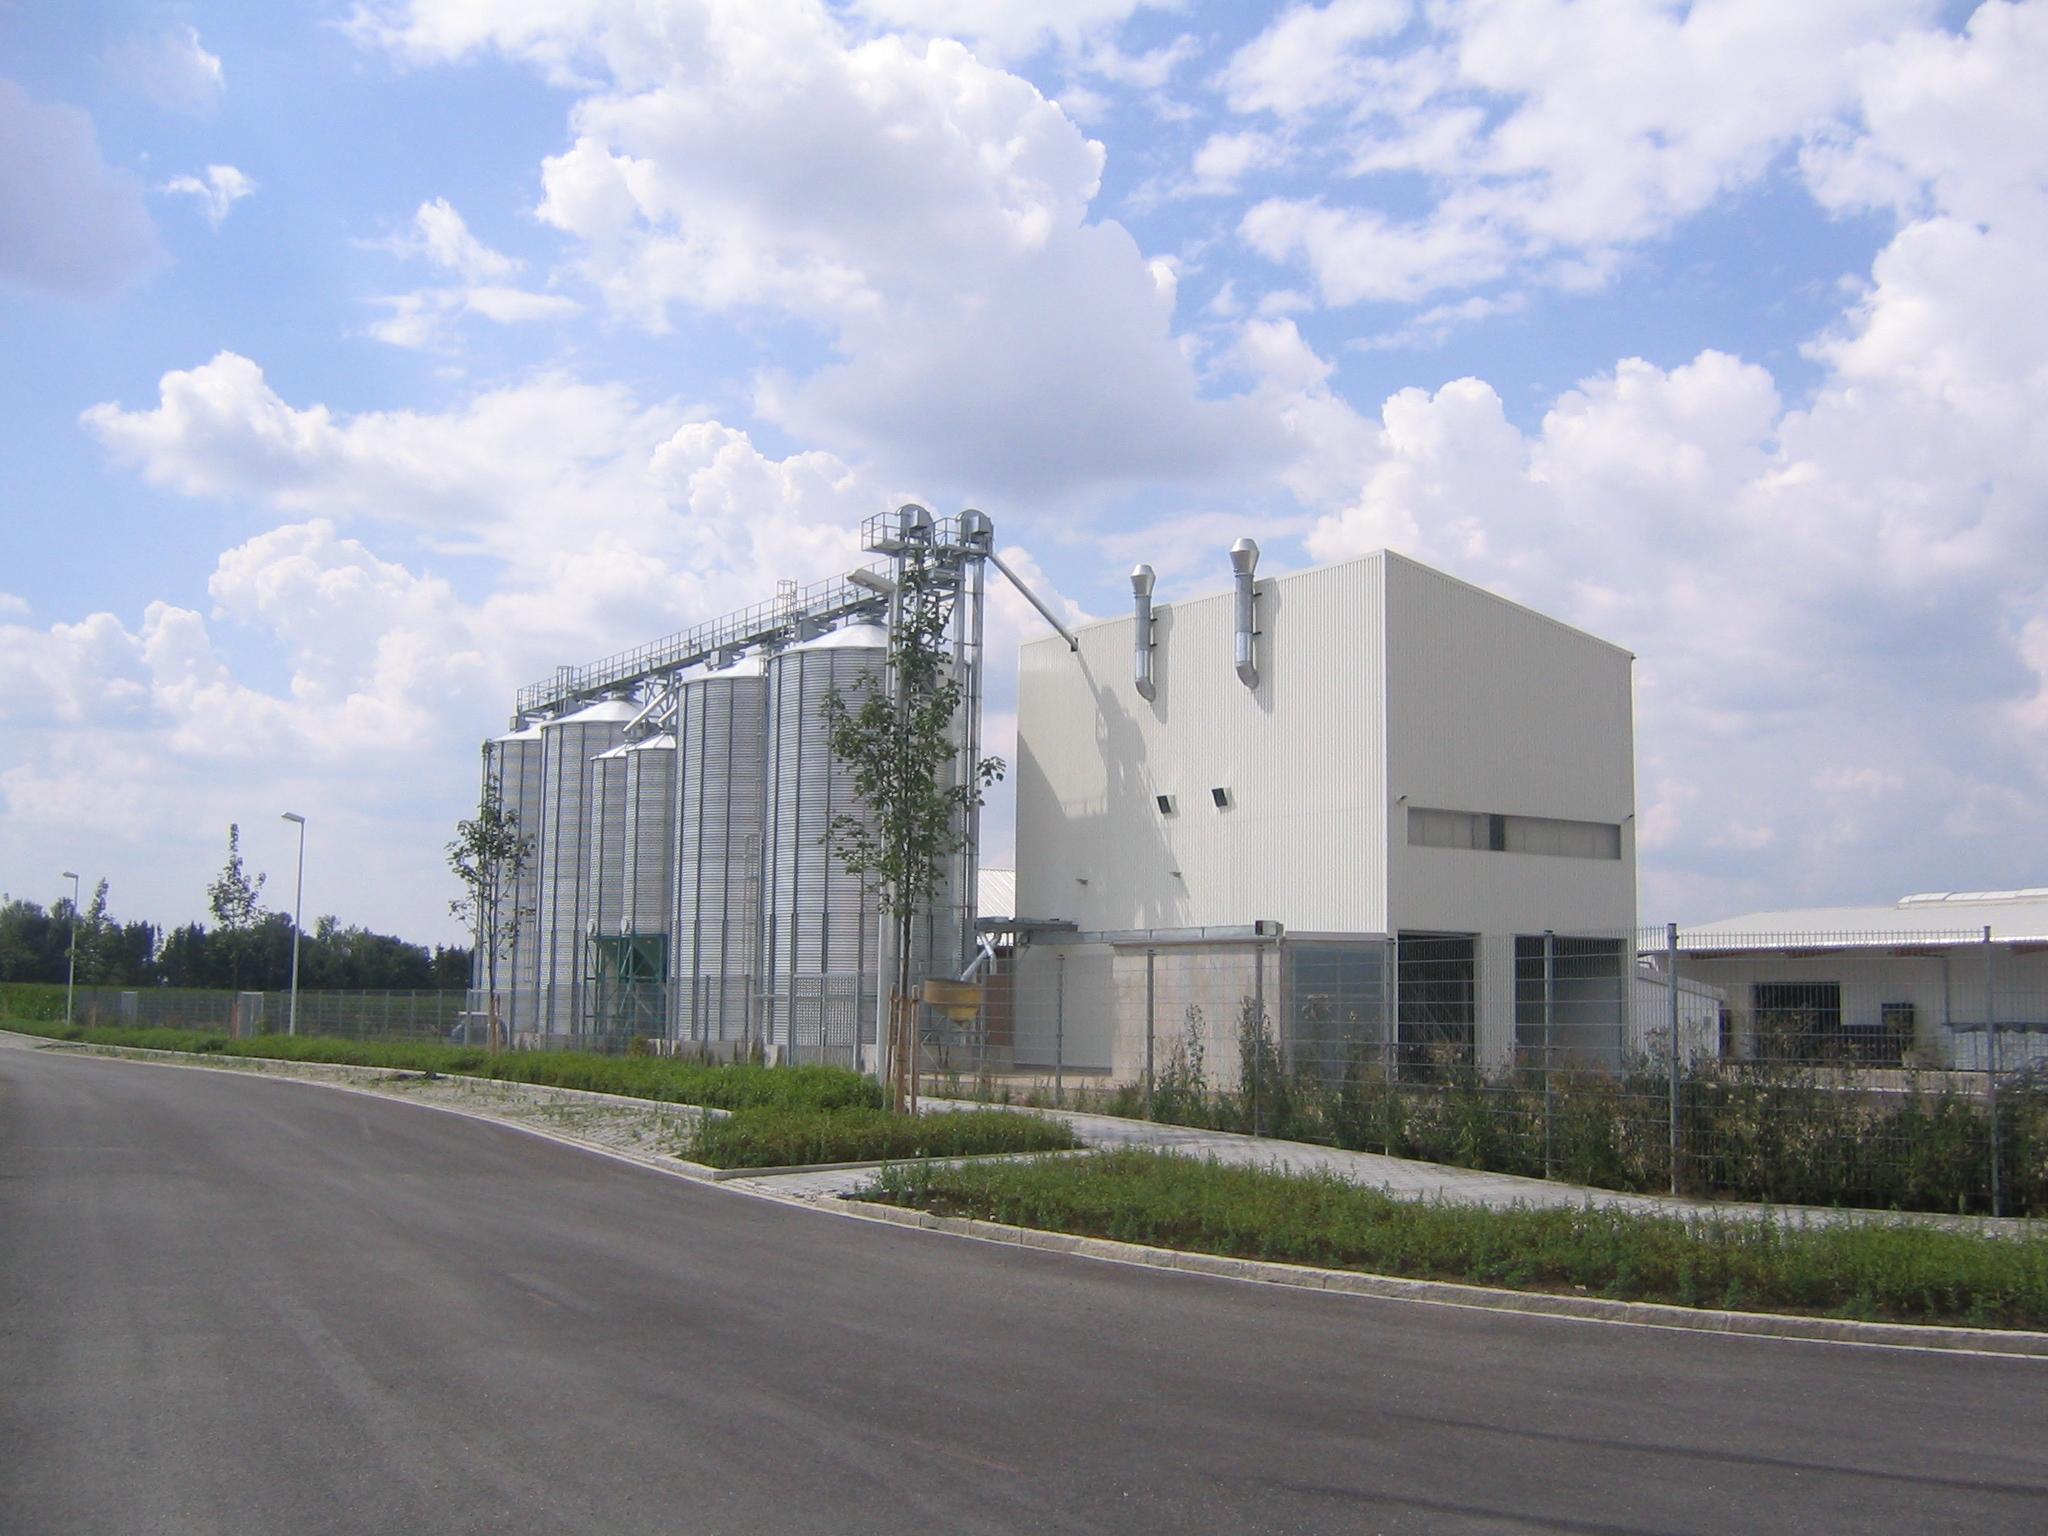 Silo-Anlagenbau